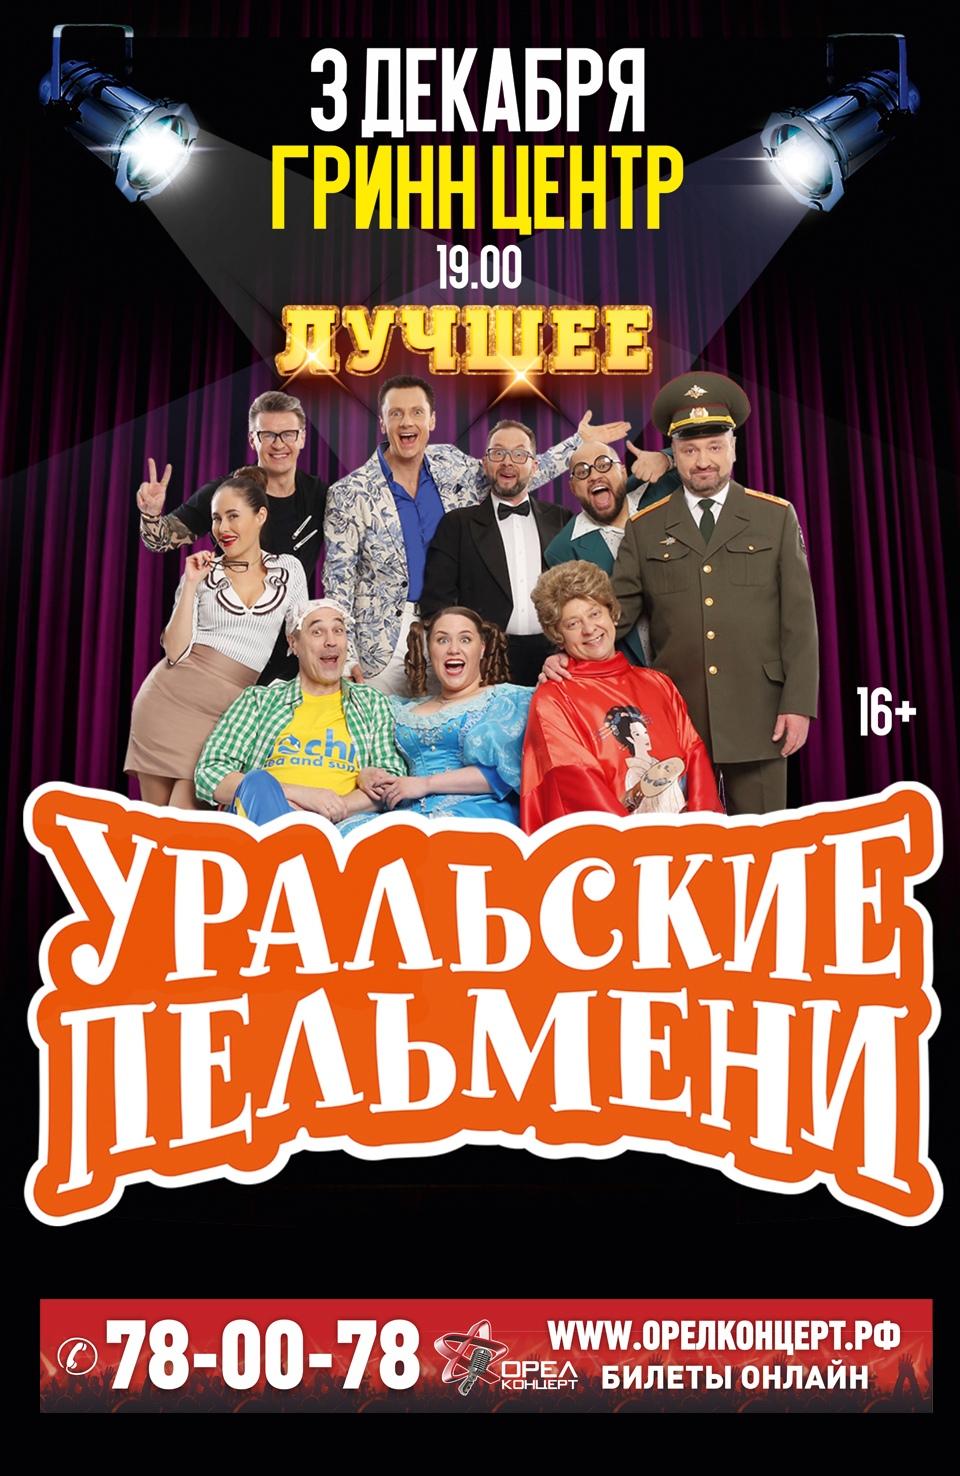 Уральские Пельмени «Лучшее»